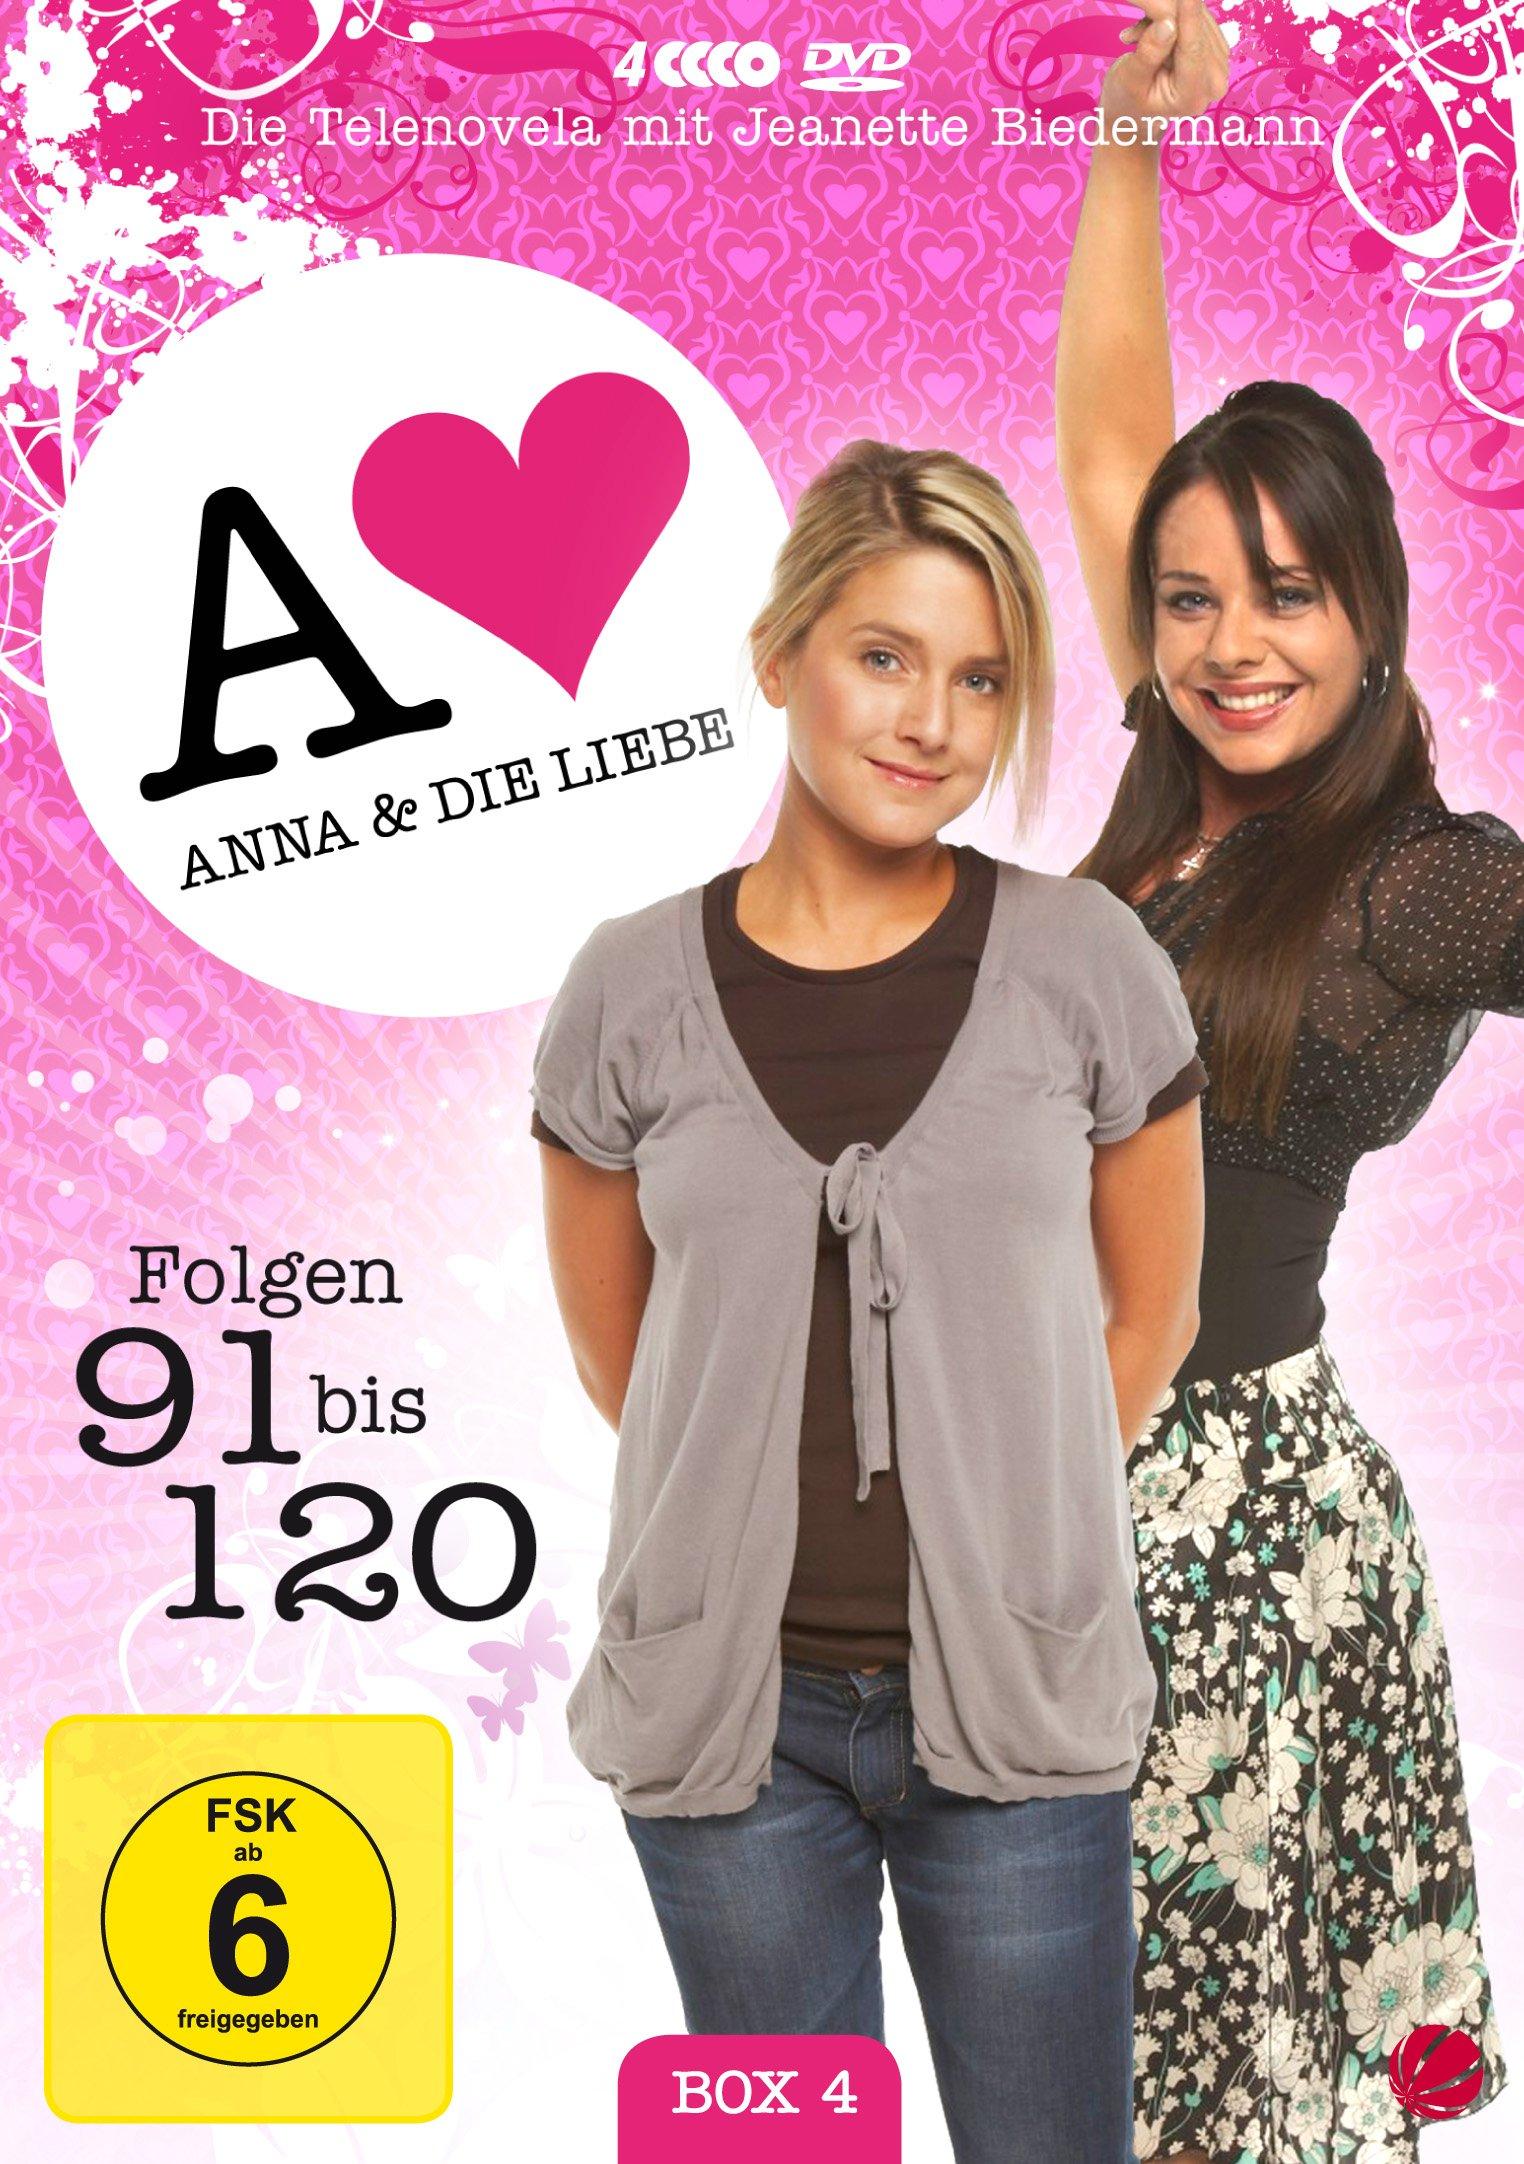 Anna Und Die Liebe Folge 78